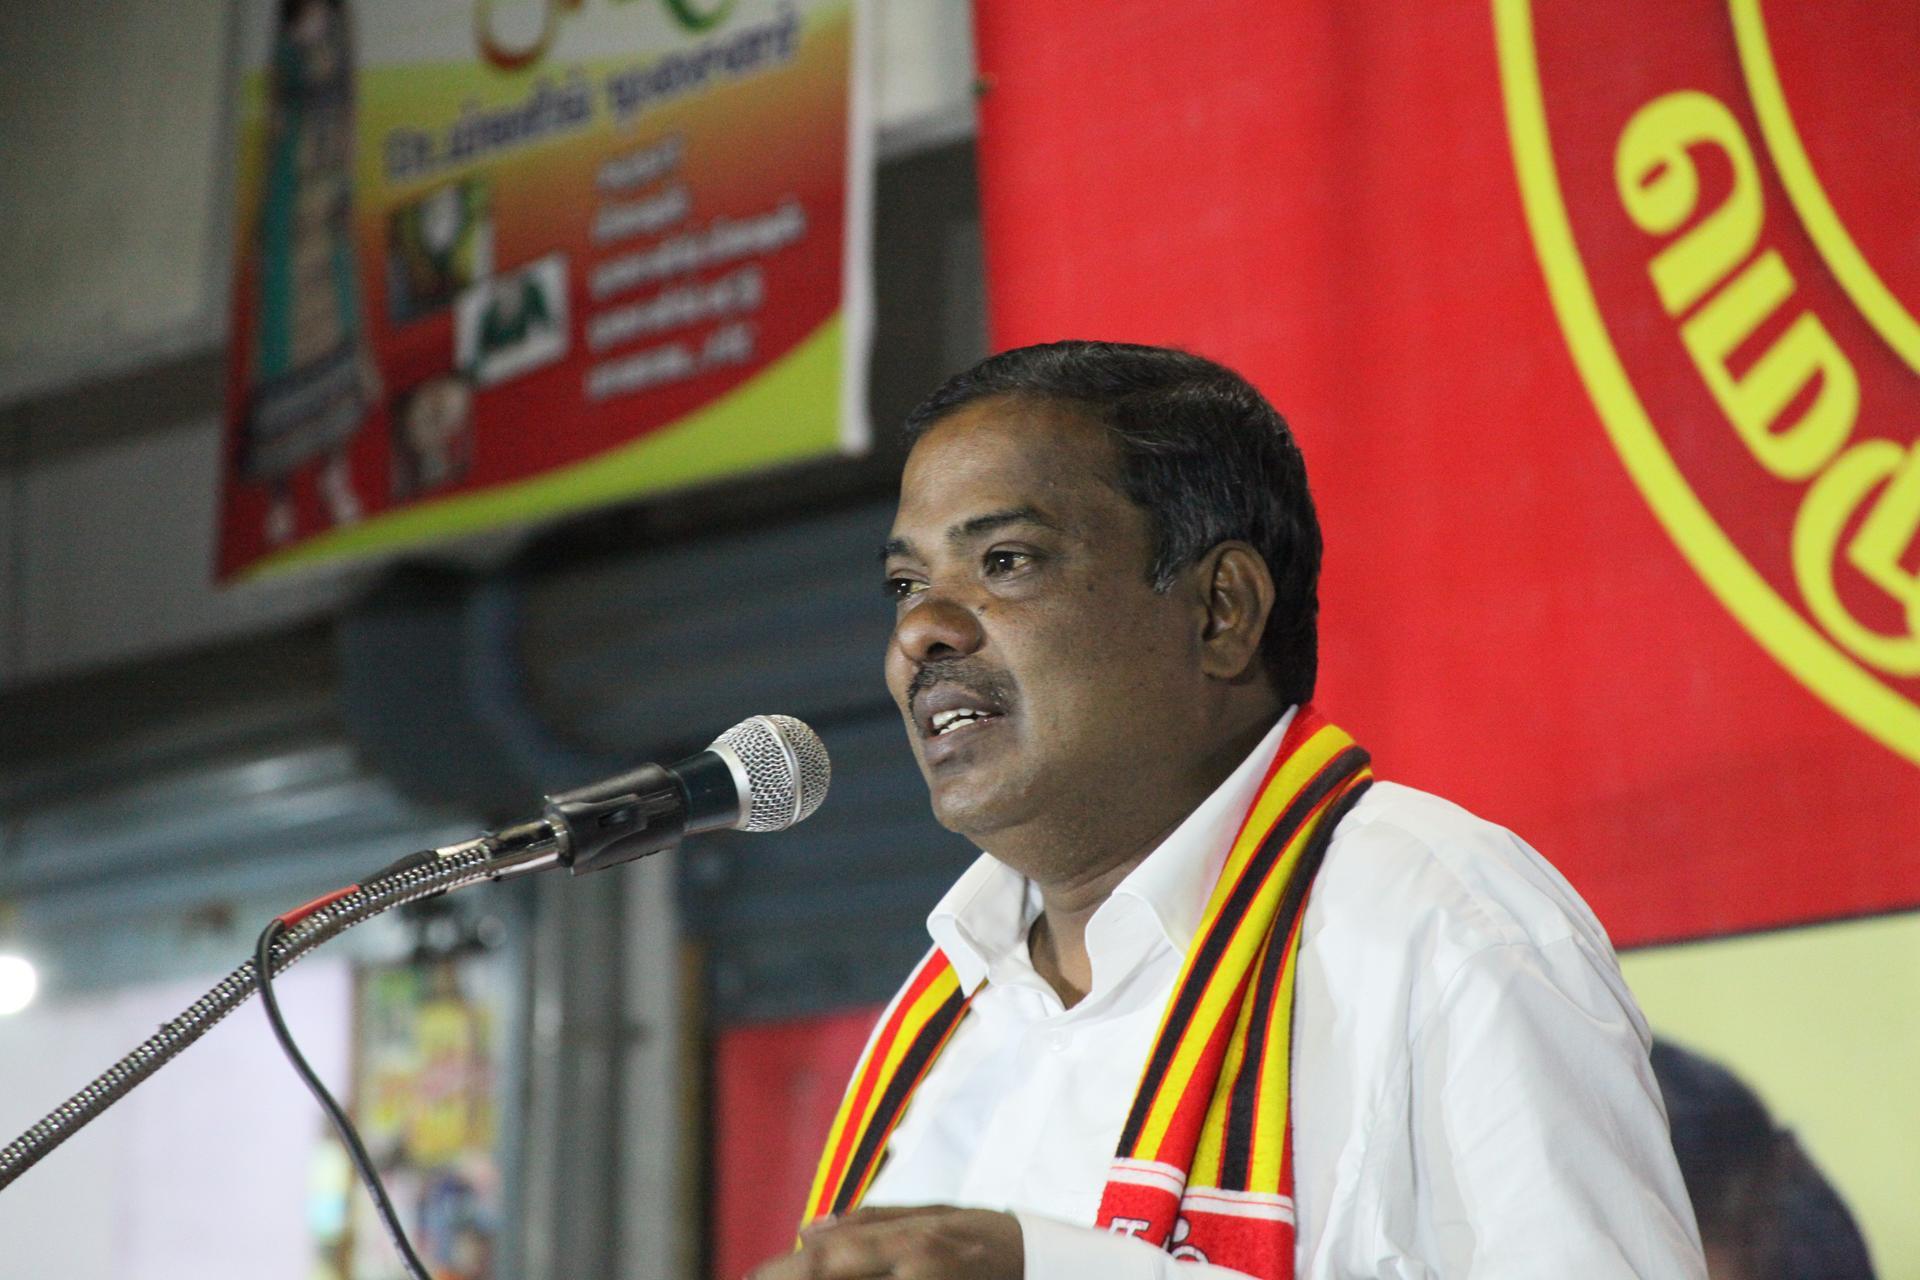 ஆர்.கே நகர் தேர்தல்: 06-12-2017 ஆறாம் நாள் | வாக்கு சேகரிப்பு மற்றும் தெருமுனைக்கூட்டம்